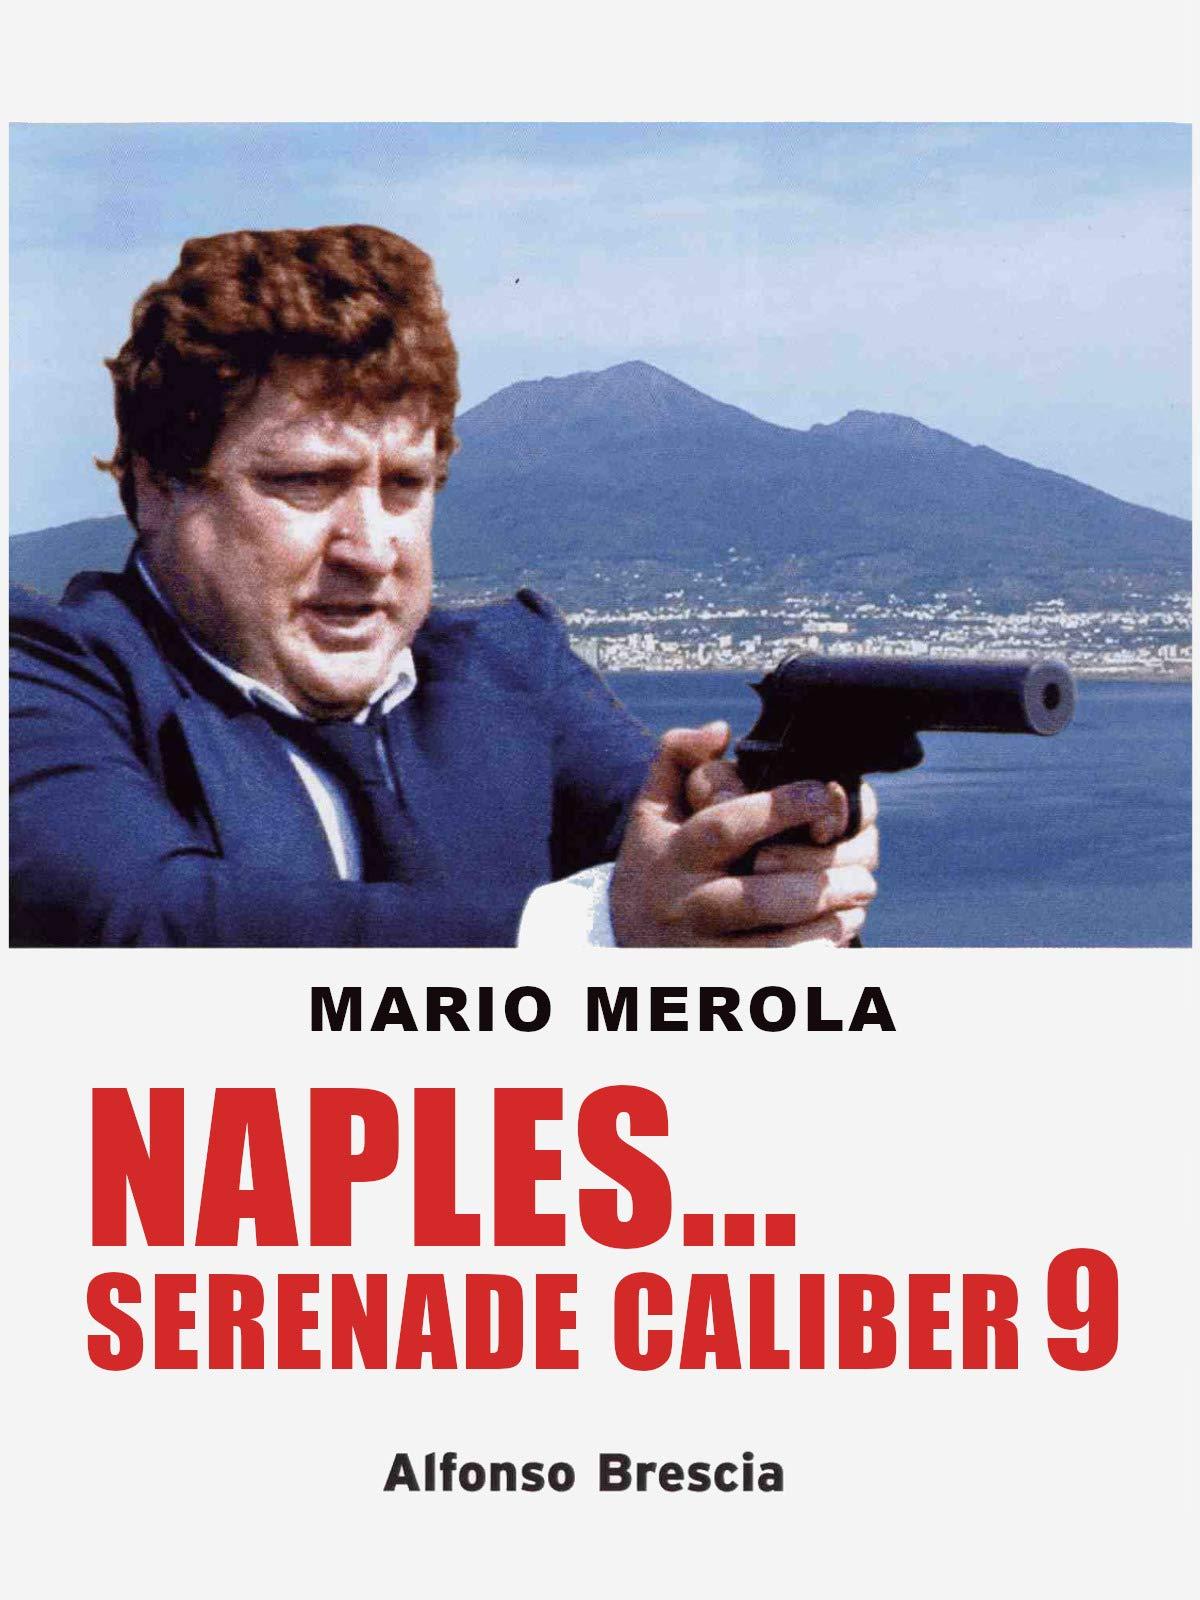 Naples Serenade Caliber 9